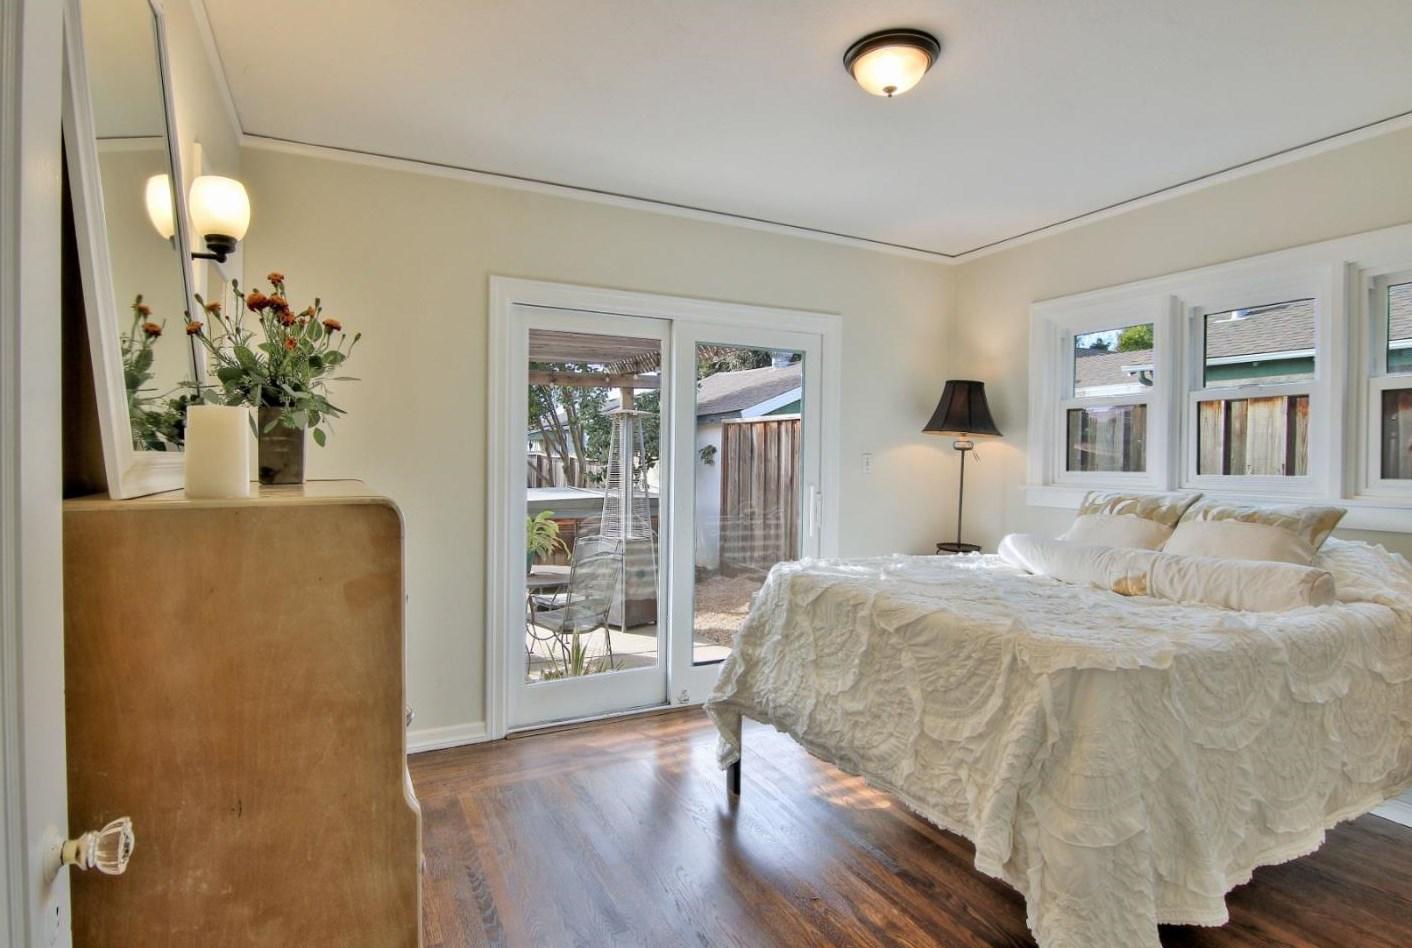 La propiedad posee dos dormitorios, un baño y una amplia terraza / Coldwell Banker